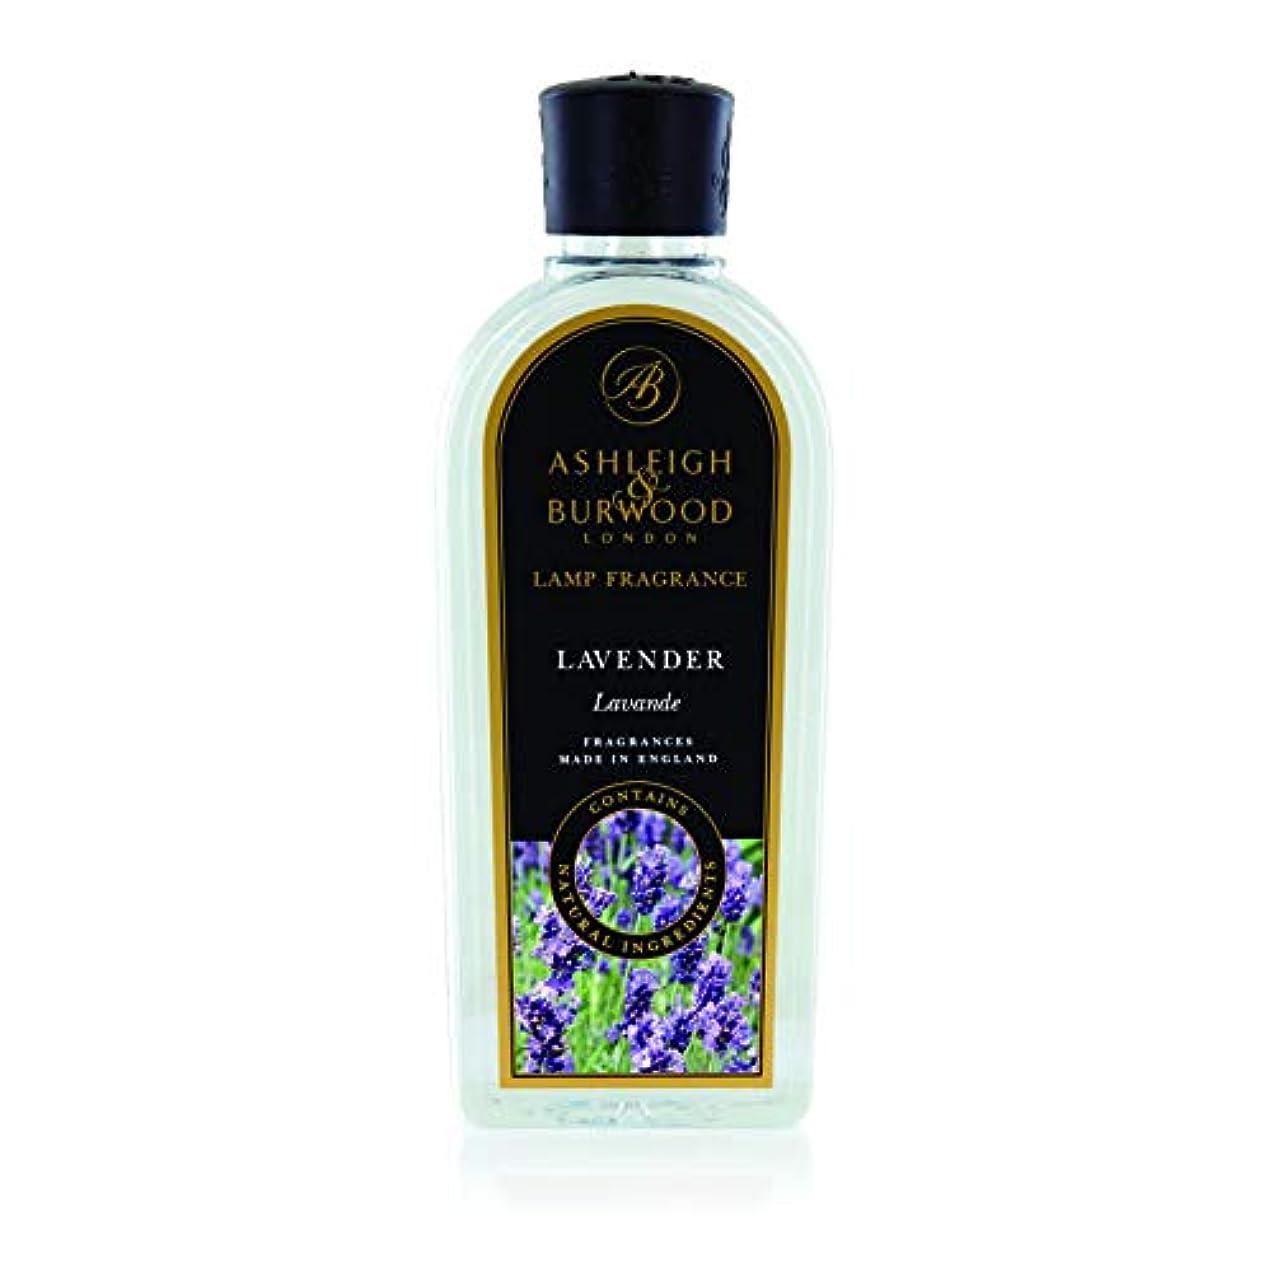 適用する名義で帝国Ashleigh&Burwood ランプフレグランス ラベンダー Lamp Fragrances Lavender アシュレイ&バーウッド